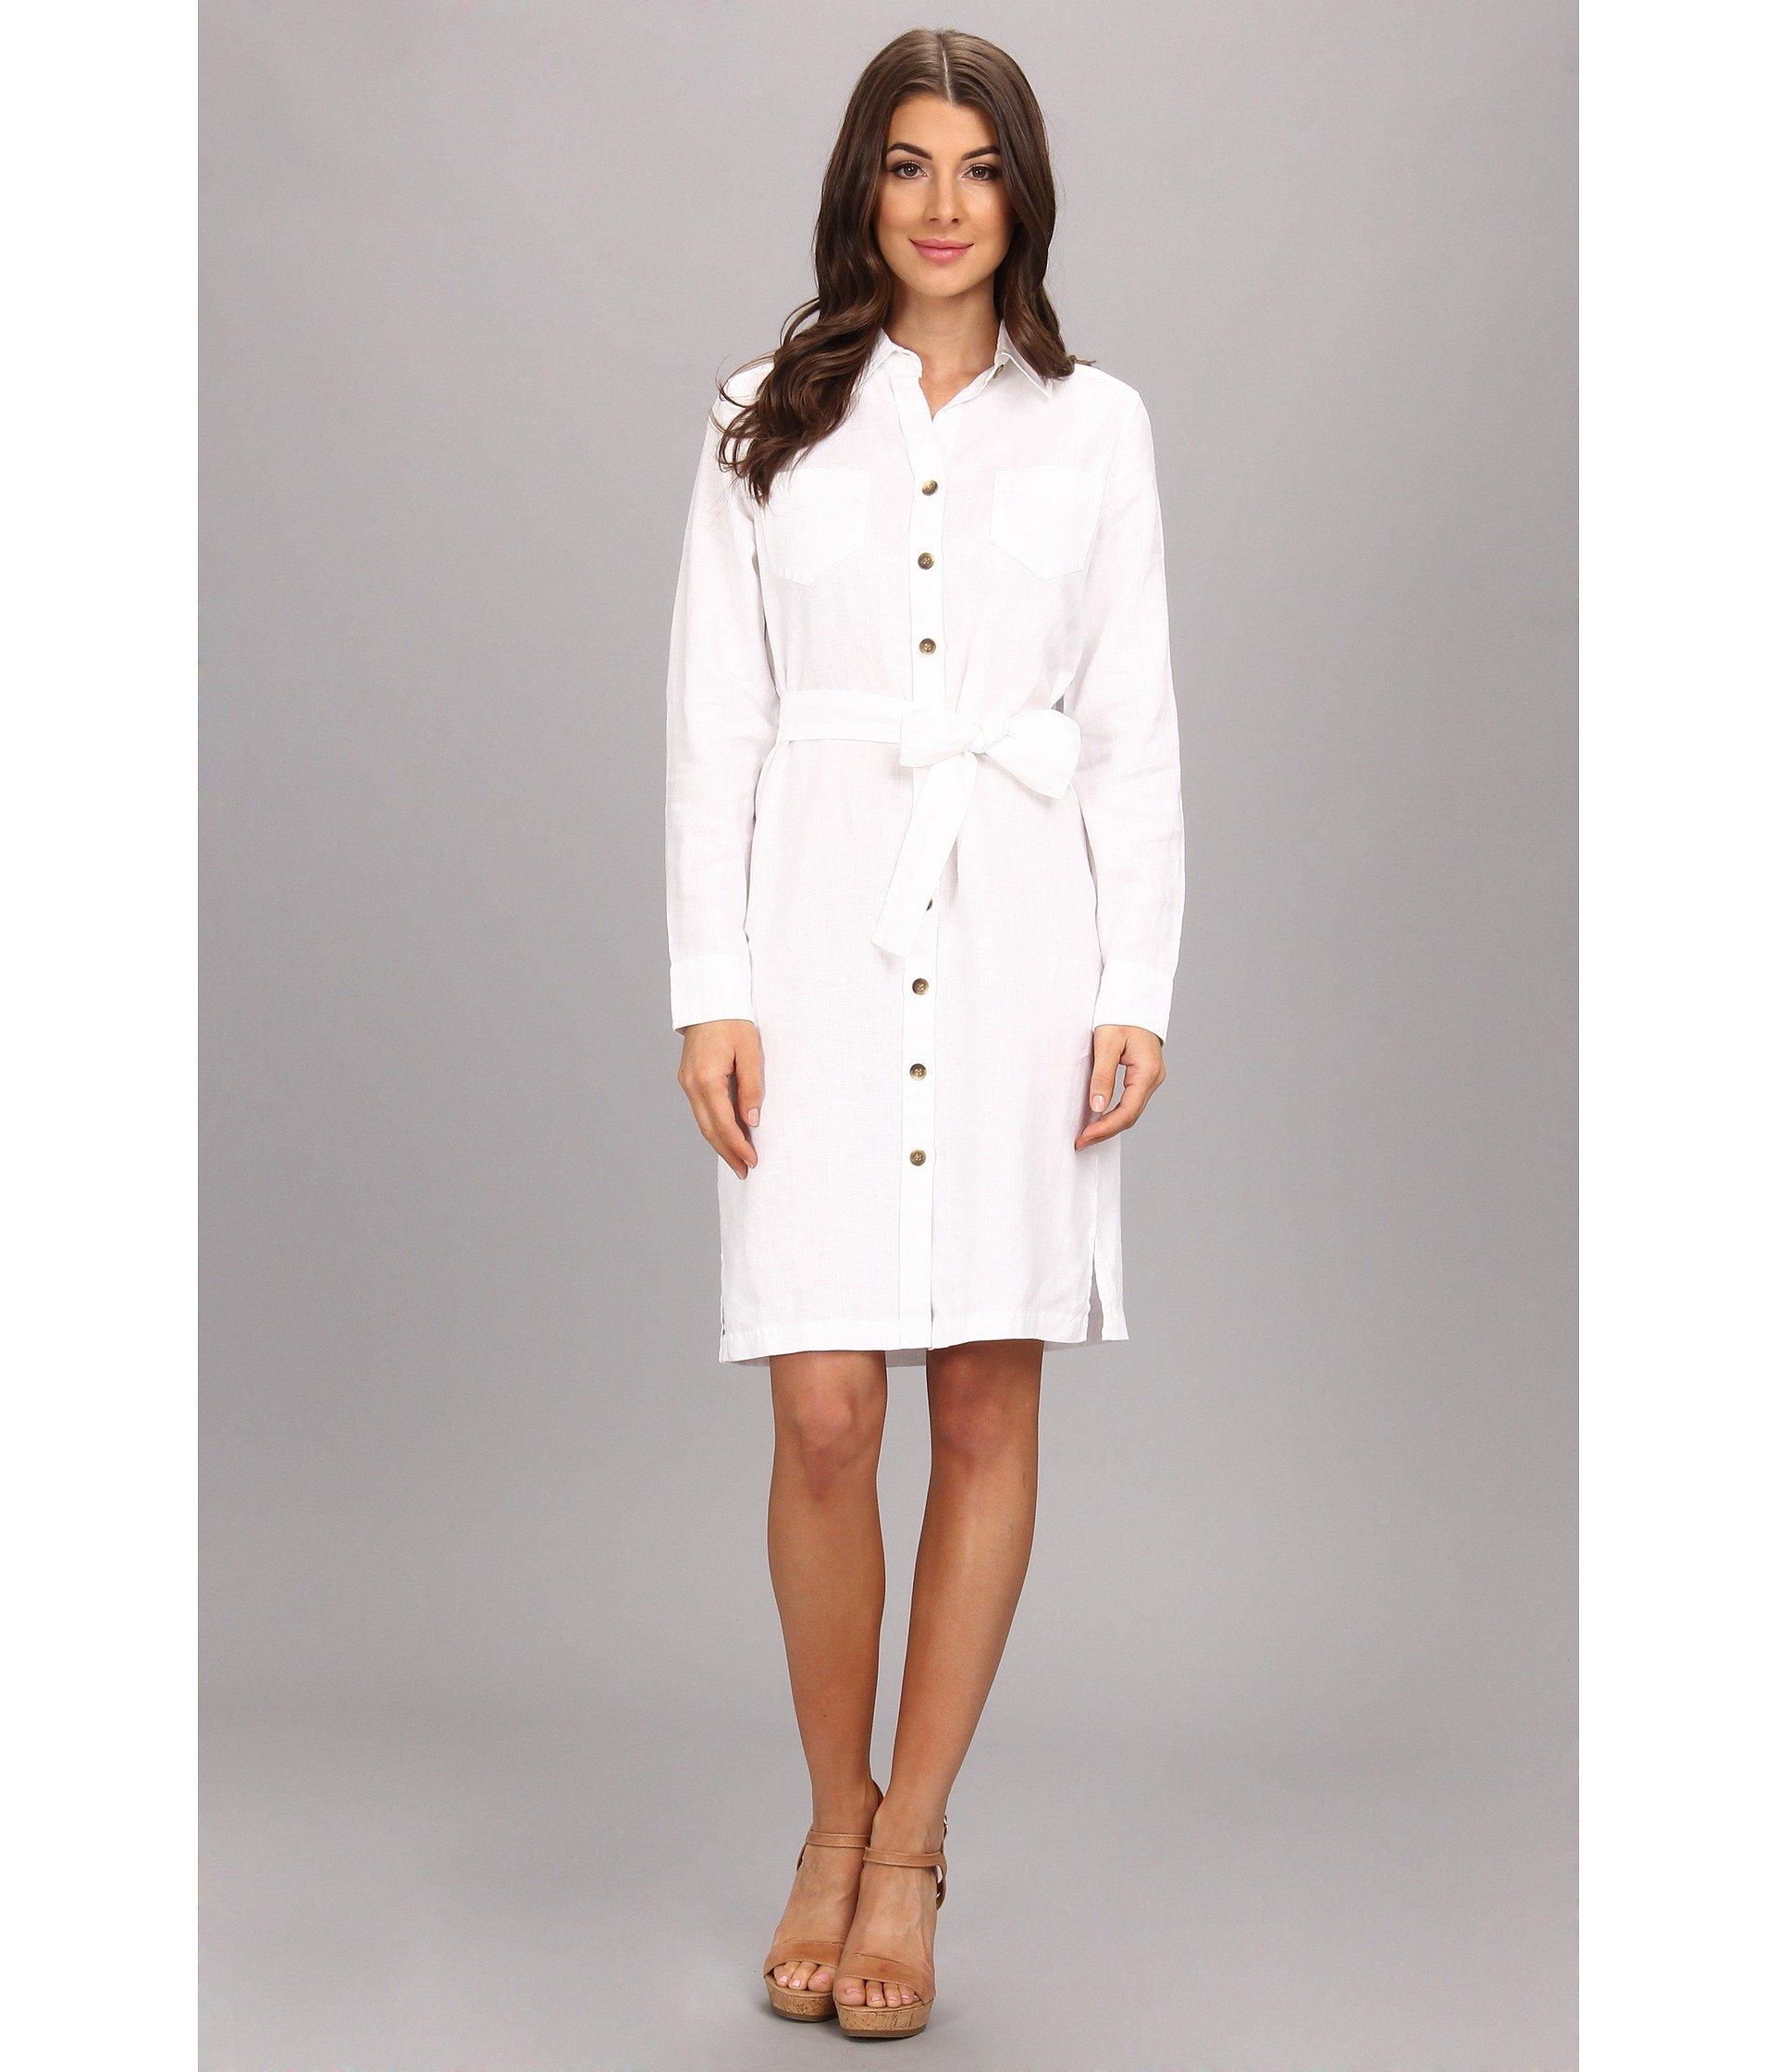 Pendleton palisades linen shirt dress in white lyst for White linen dress shirt